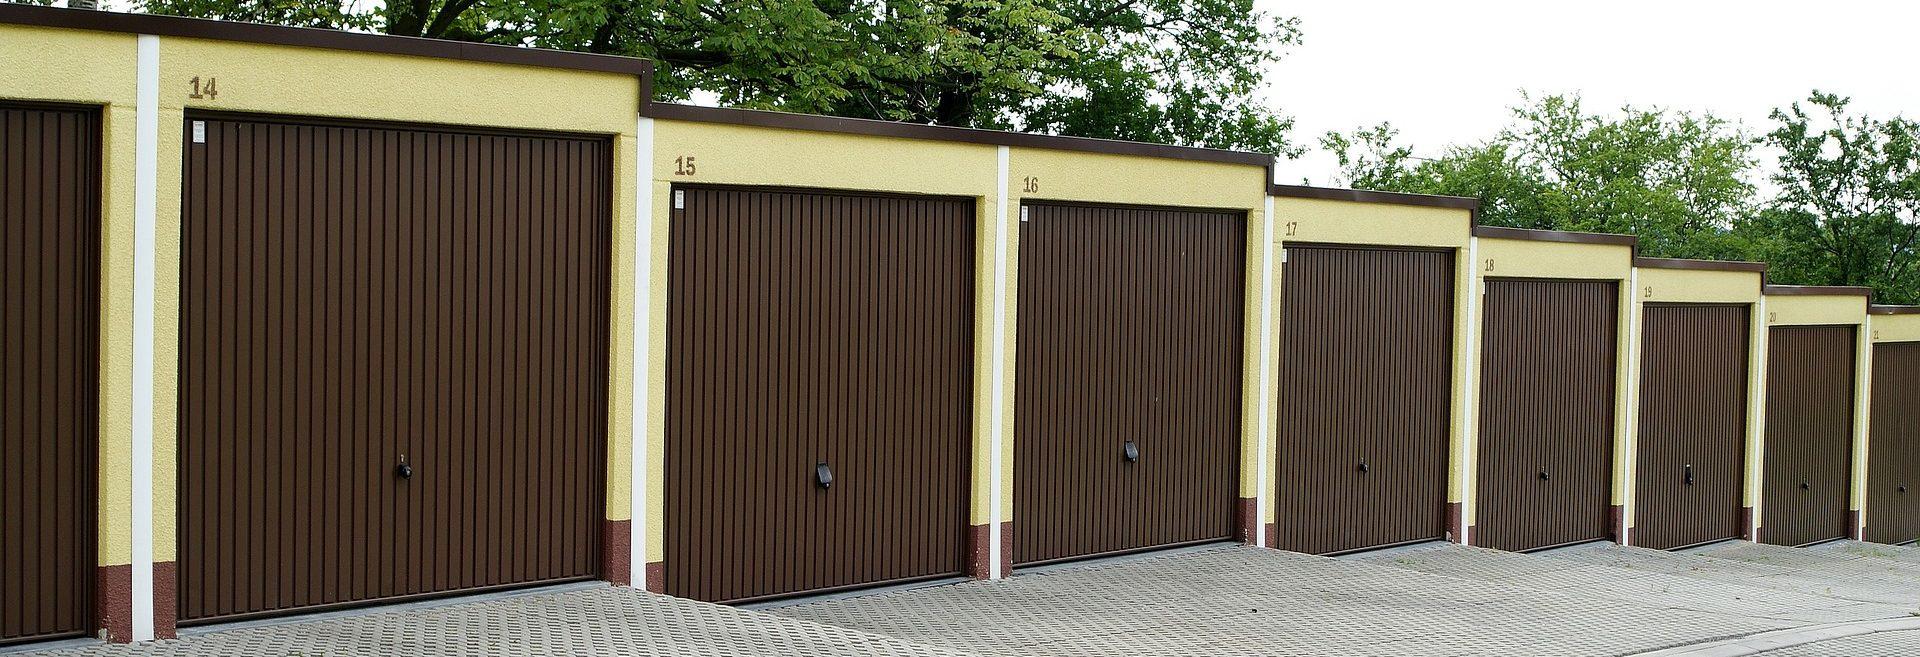 Fabricación de puertas metálicas modernas en Guadalajara | Hidrometal